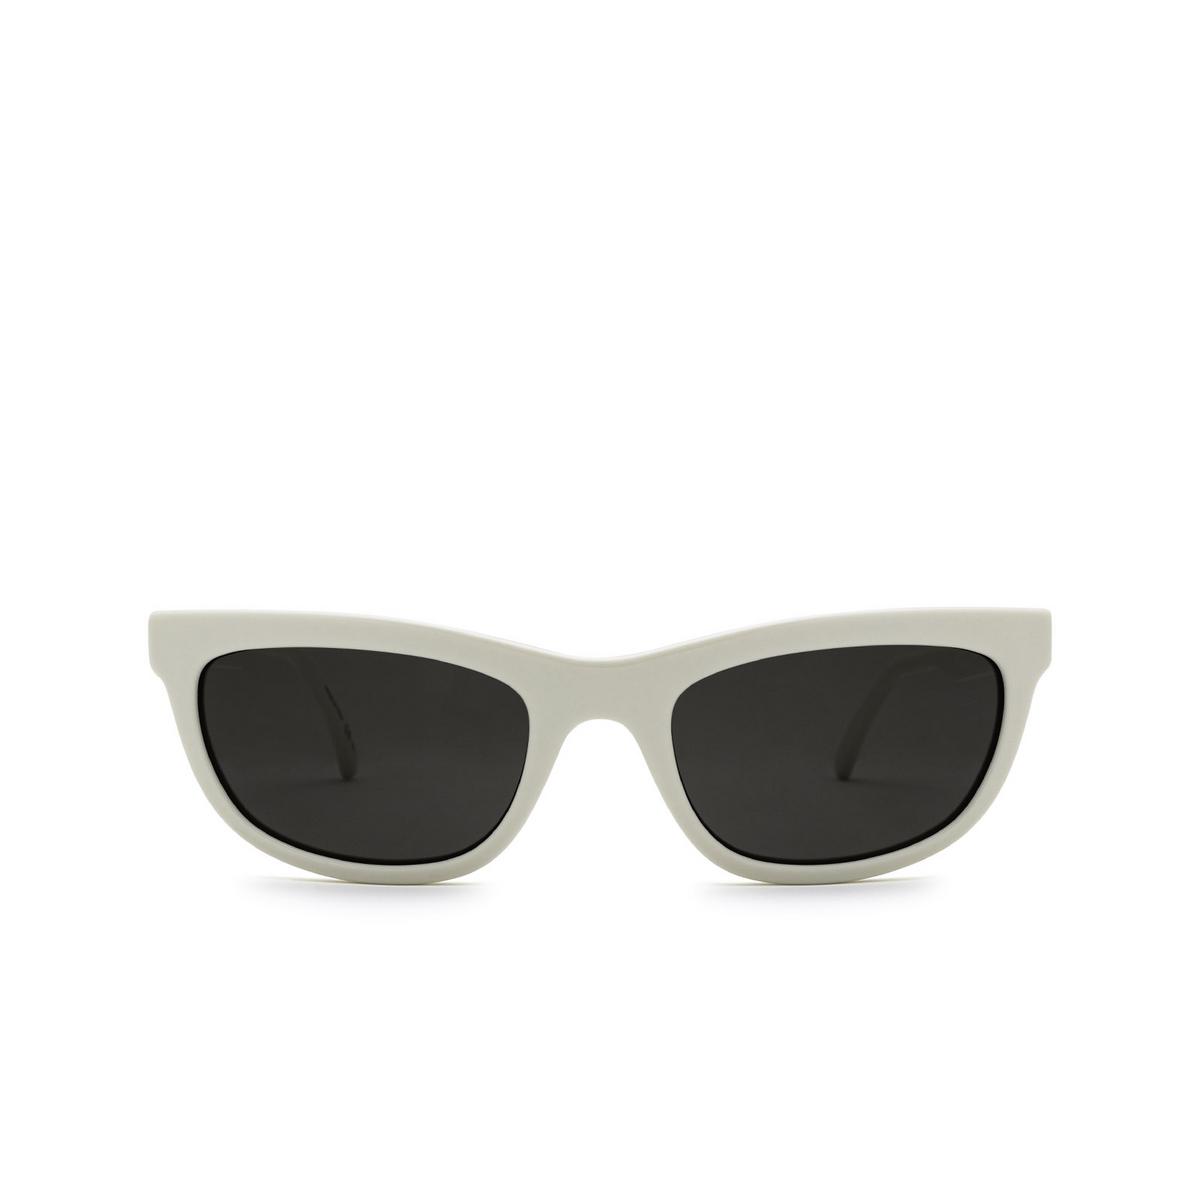 Saint Laurent® Cat-eye Sunglasses: SL 493 color Ivory 004 - front view.